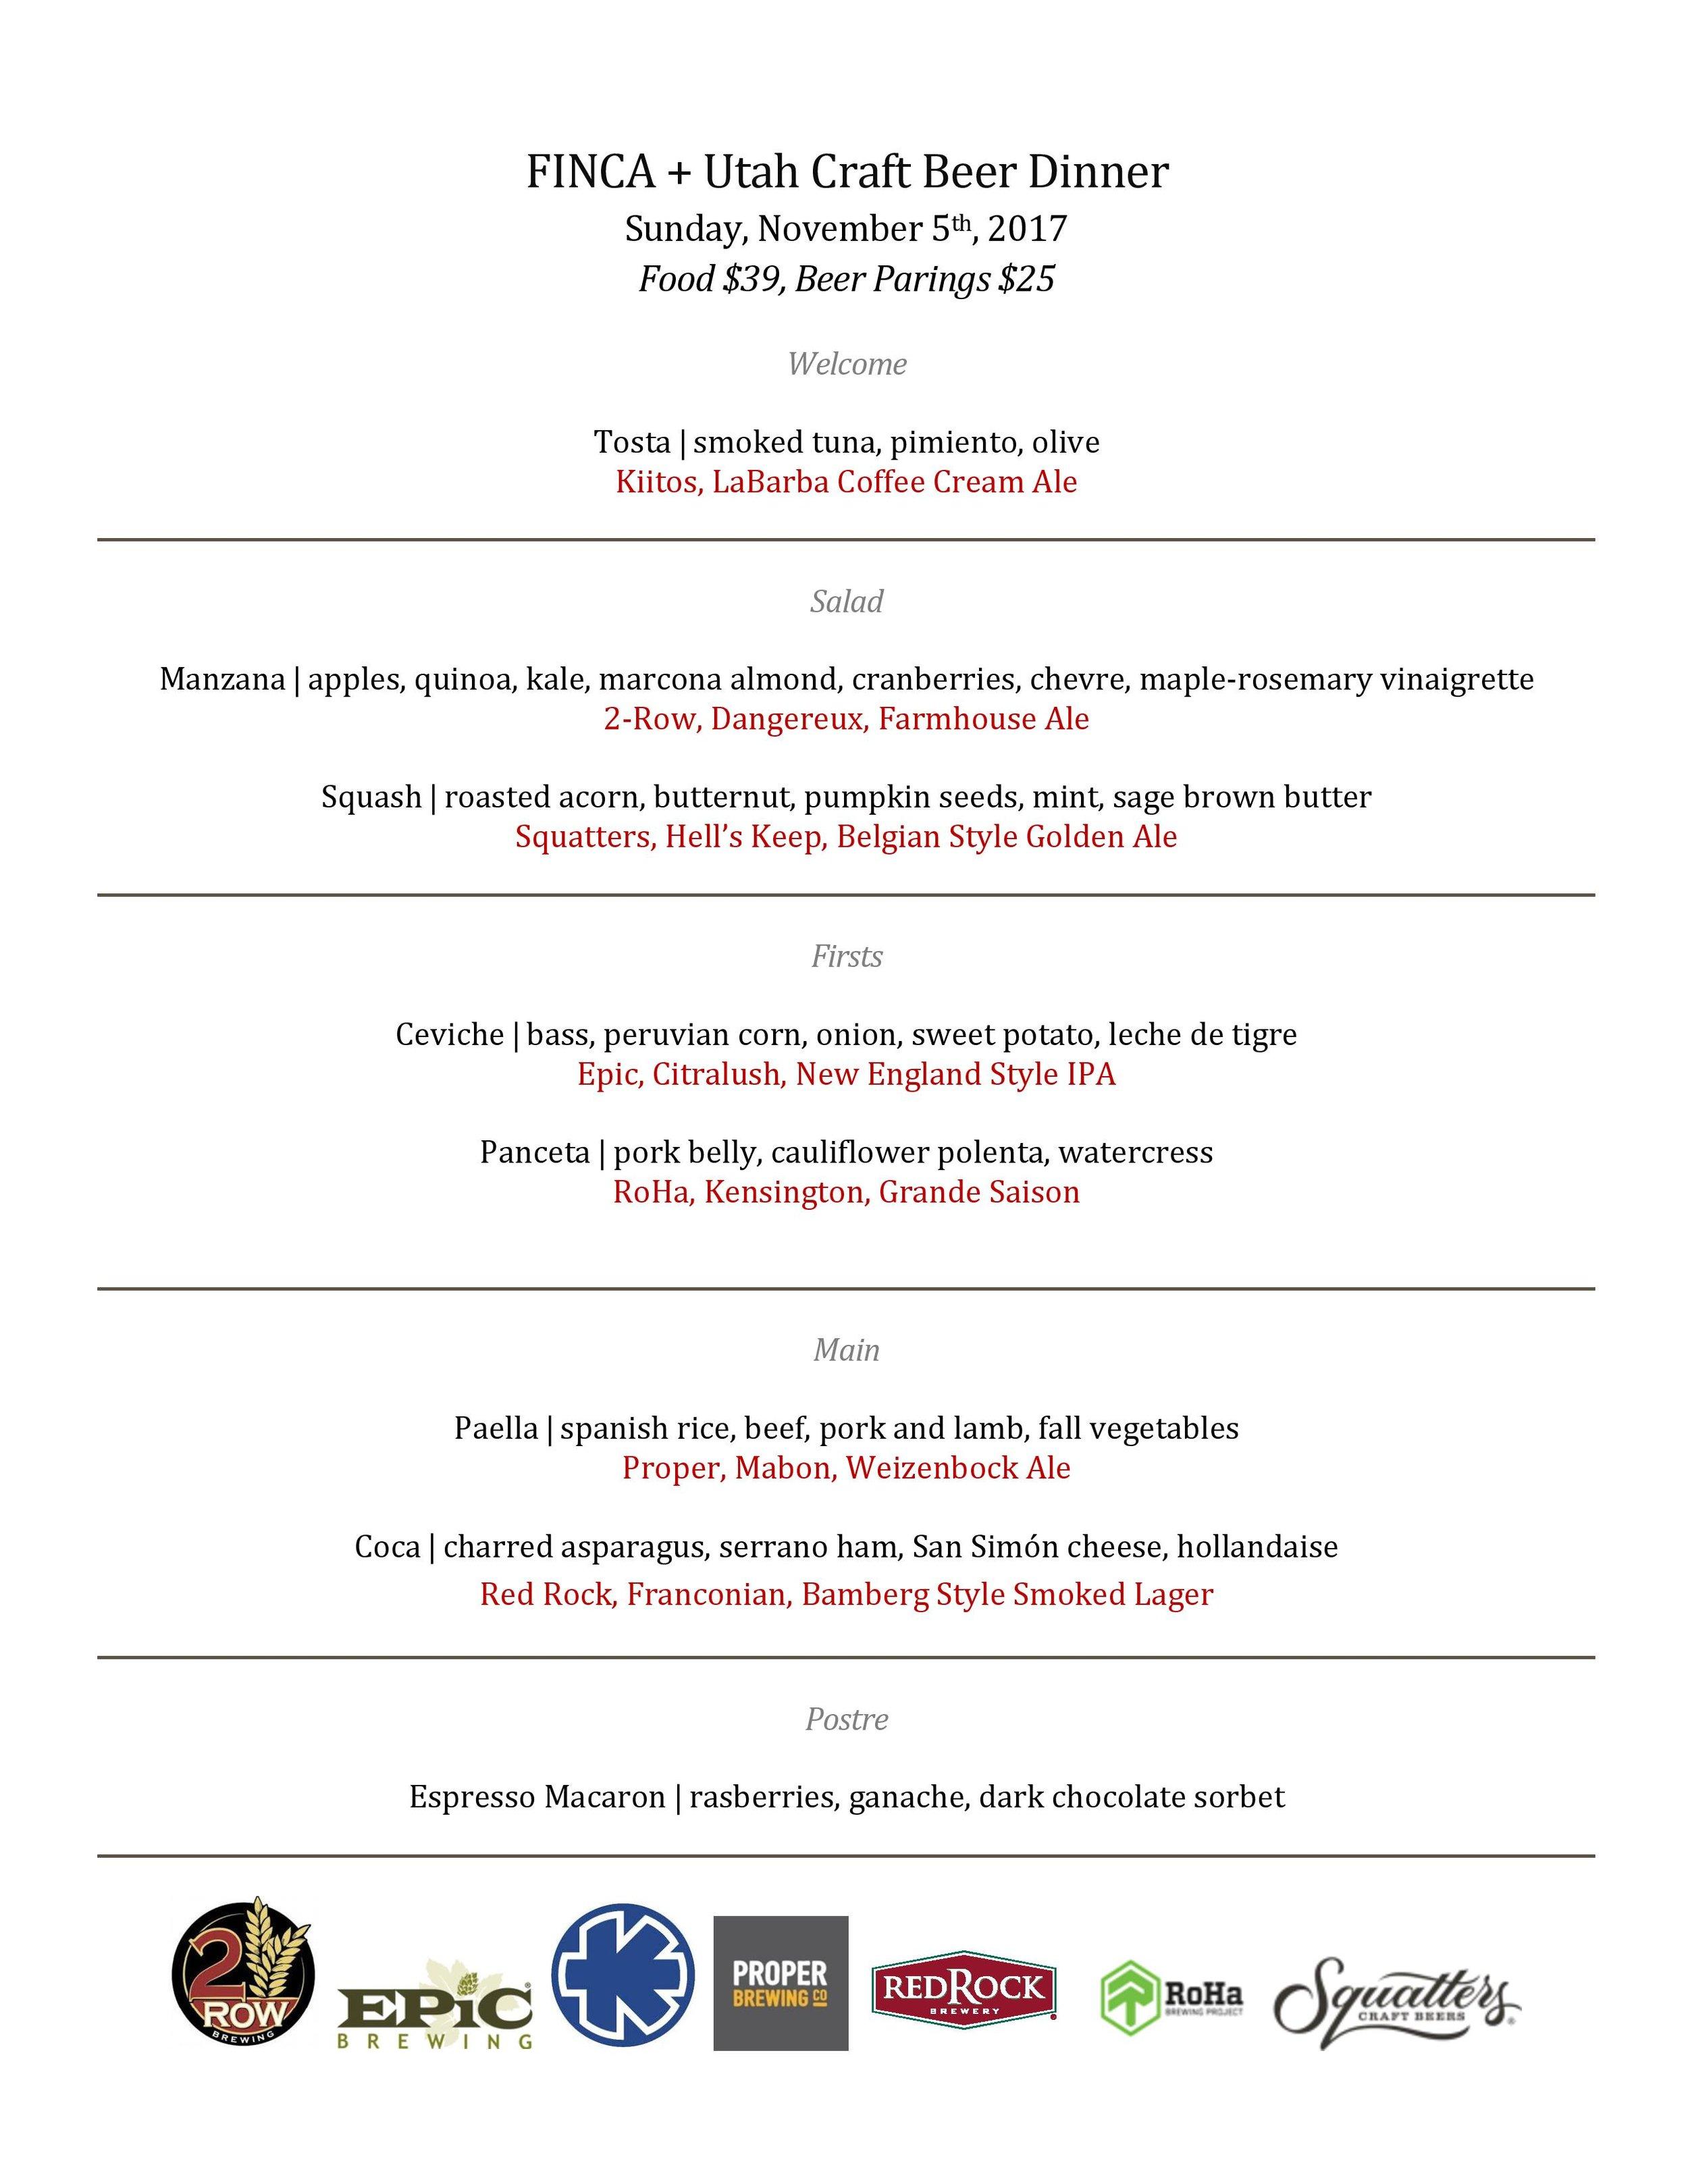 UT Craft Beer Dinner 2017-page-001-3.jpg